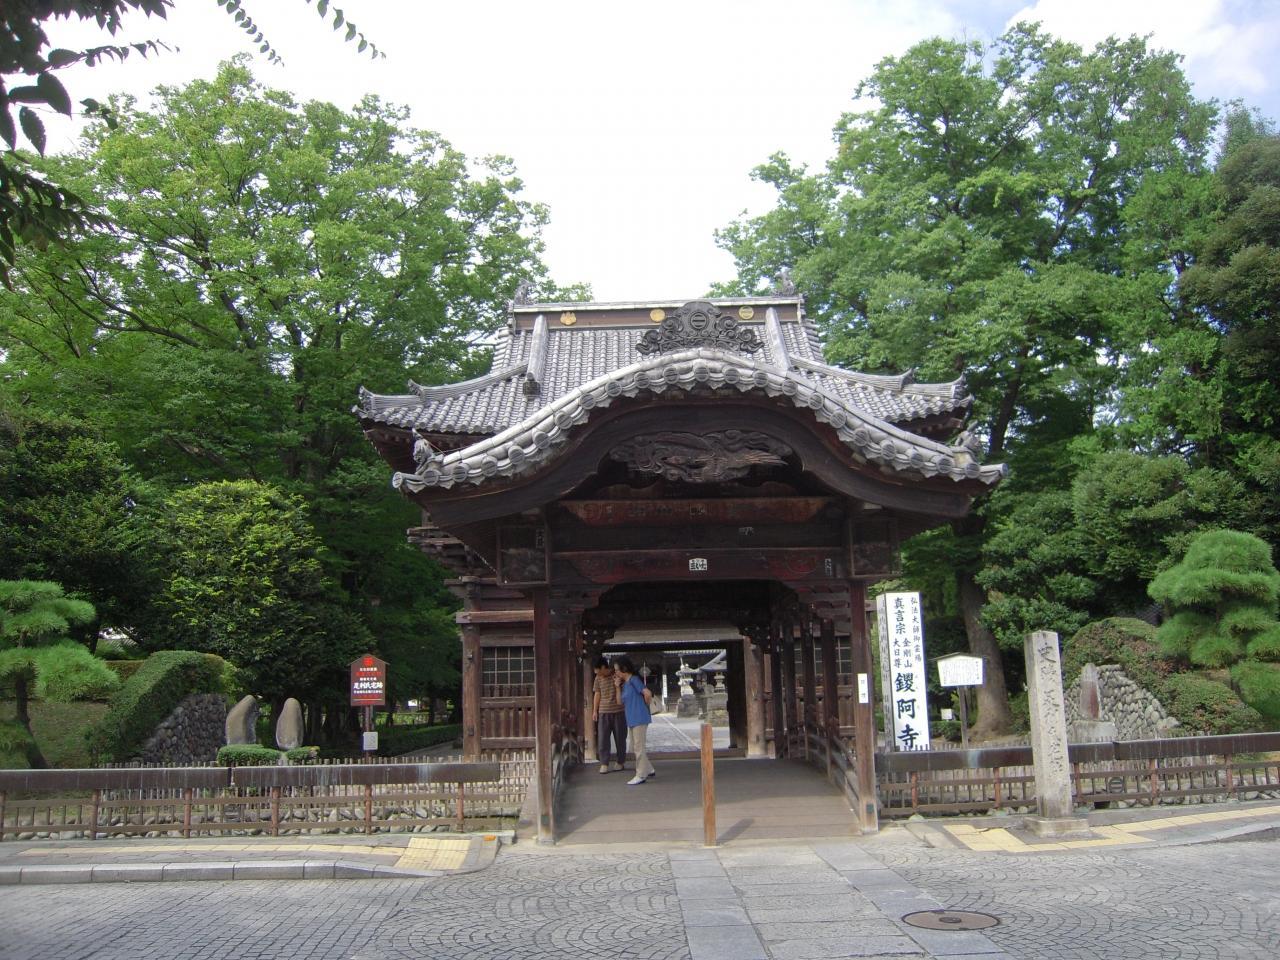 「鑁阿寺 桜門前」の画像検索結果